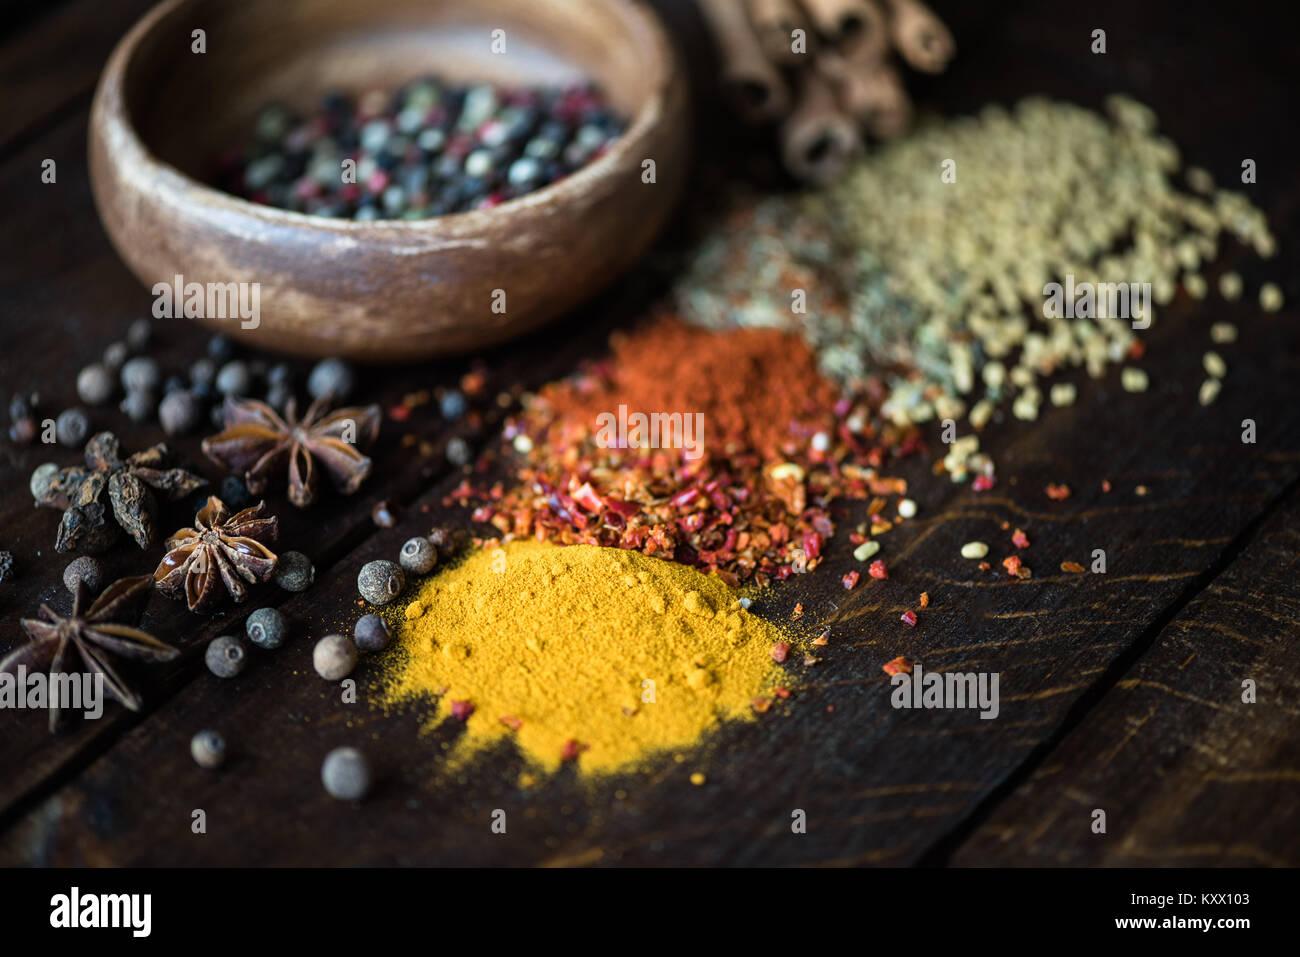 Diversi tipi di pepe in un recipiente e spezie con erbe sparsi sul tavolo in legno Immagini Stock